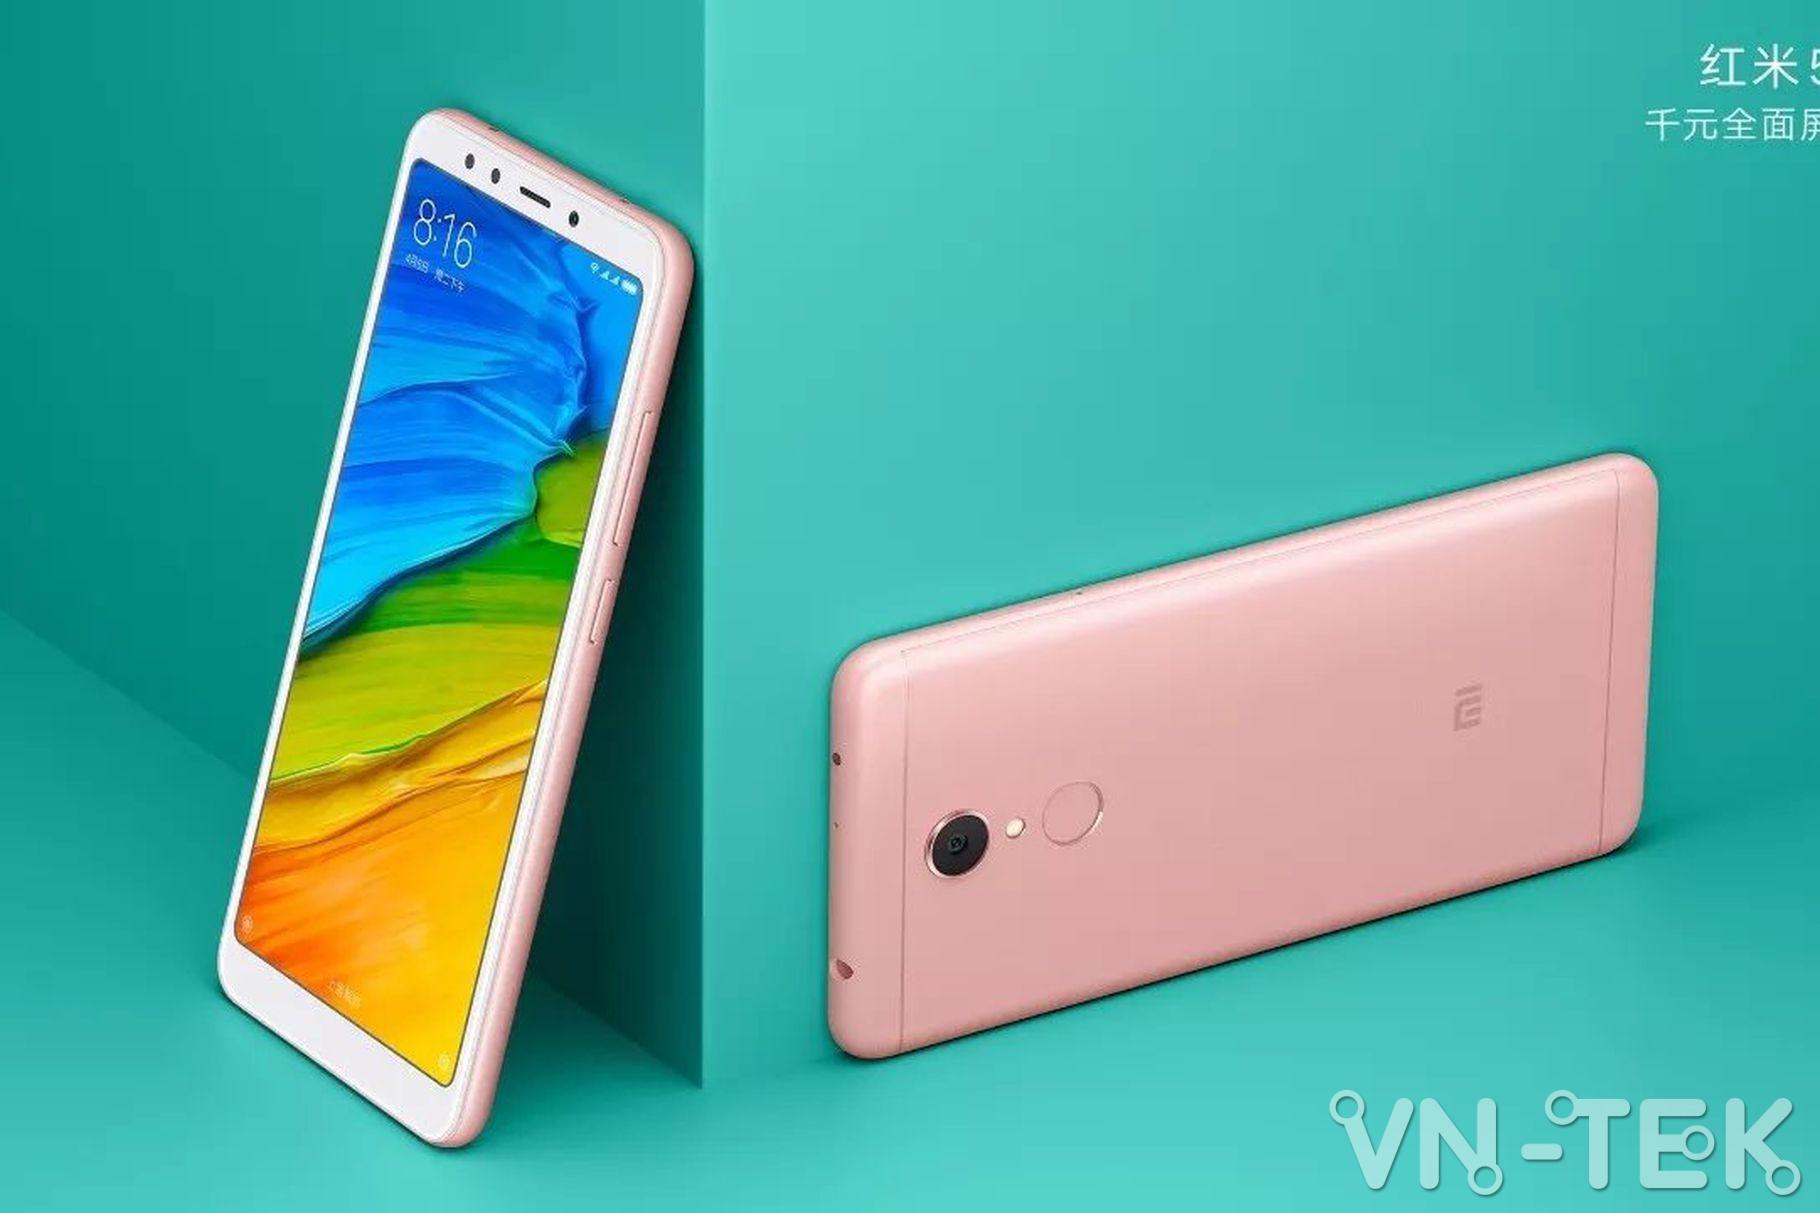 xiaomi redmi 5 plus 1 - Xiaomi Redmi 5 Plus màn hình 18:9 viền mỏng ra mắt, giá từ 120 USD